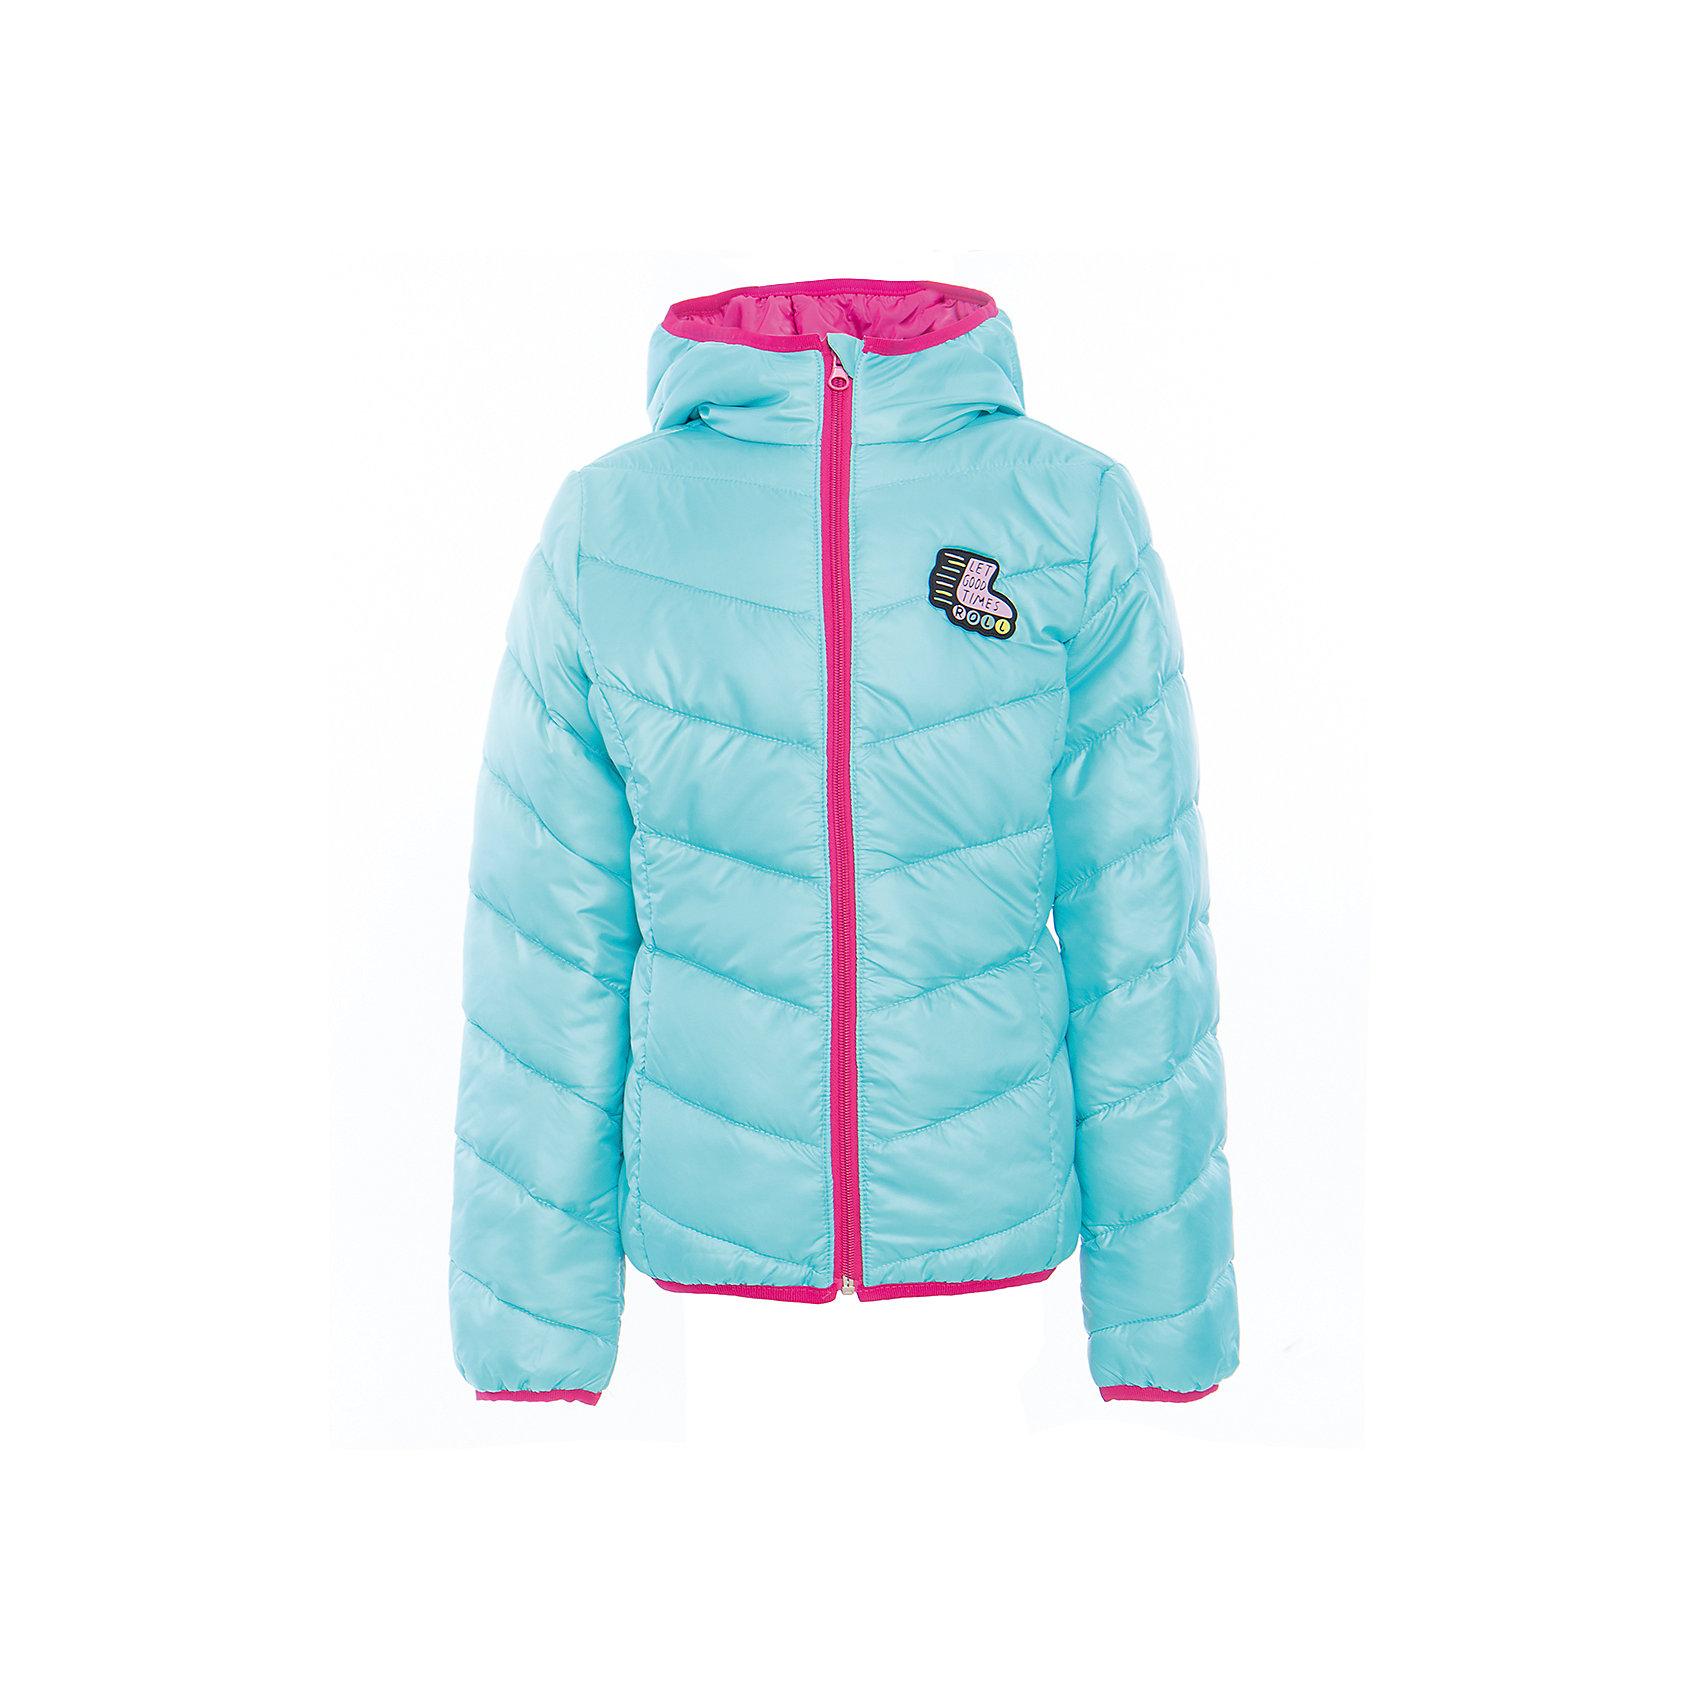 Куртка для девочки BOOM by OrbyВерхняя одежда<br>Характеристики товара:<br><br>• цвет: зеленый<br>• состав: 100% полиэстер<br>• верхняя ткань: Таффета oil cire PU<br>• подкладка: ПЭ пуходержащий<br>• наполнитель: Эко-синтепон 150 г/м2<br>• температурный режим: от +10°до 0°С<br>• прочный материал<br>• капюшон (не отстегивается)<br>• застежка - молния<br>• демисезонная<br>• стеганая<br>• декорирована нашивкой<br>• комфортная посадка<br>• страна производства: Российская Федерация<br>• страна бренда: Российская Федерация<br>• коллекция: весна-лето 2017<br><br>Одежда для детей должна быть особо комфортной! Такая курточка - отличный вариант для межсезонья с постоянно меняющейся погодой. Эта модель - модная и удобная одновременно! Изделие отличается стильным ярким дизайном. Куртка дополнена мягкой подкладкой. Вещь была разработана специально для детей.<br><br>Одежда от российского бренда BOOM by Orby уже завоевала популярностью у многих детей и их родителей. Вещи, выпускаемые компанией, качественные, продуманные и очень удобные. Для производства коллекций используются только безопасные для детей материалы. Спешите приобрести модели из новой коллекции Весна-лето 2017! <br><br>Куртку для девочки от бренда BOOM by Orby можно купить в нашем интернет-магазине.<br><br>Ширина мм: 356<br>Глубина мм: 10<br>Высота мм: 245<br>Вес г: 519<br>Цвет: зеленый<br>Возраст от месяцев: 36<br>Возраст до месяцев: 48<br>Пол: Женский<br>Возраст: Детский<br>Размер: 104,152,158,134,140,146,110,98,116,122,128<br>SKU: 5342965